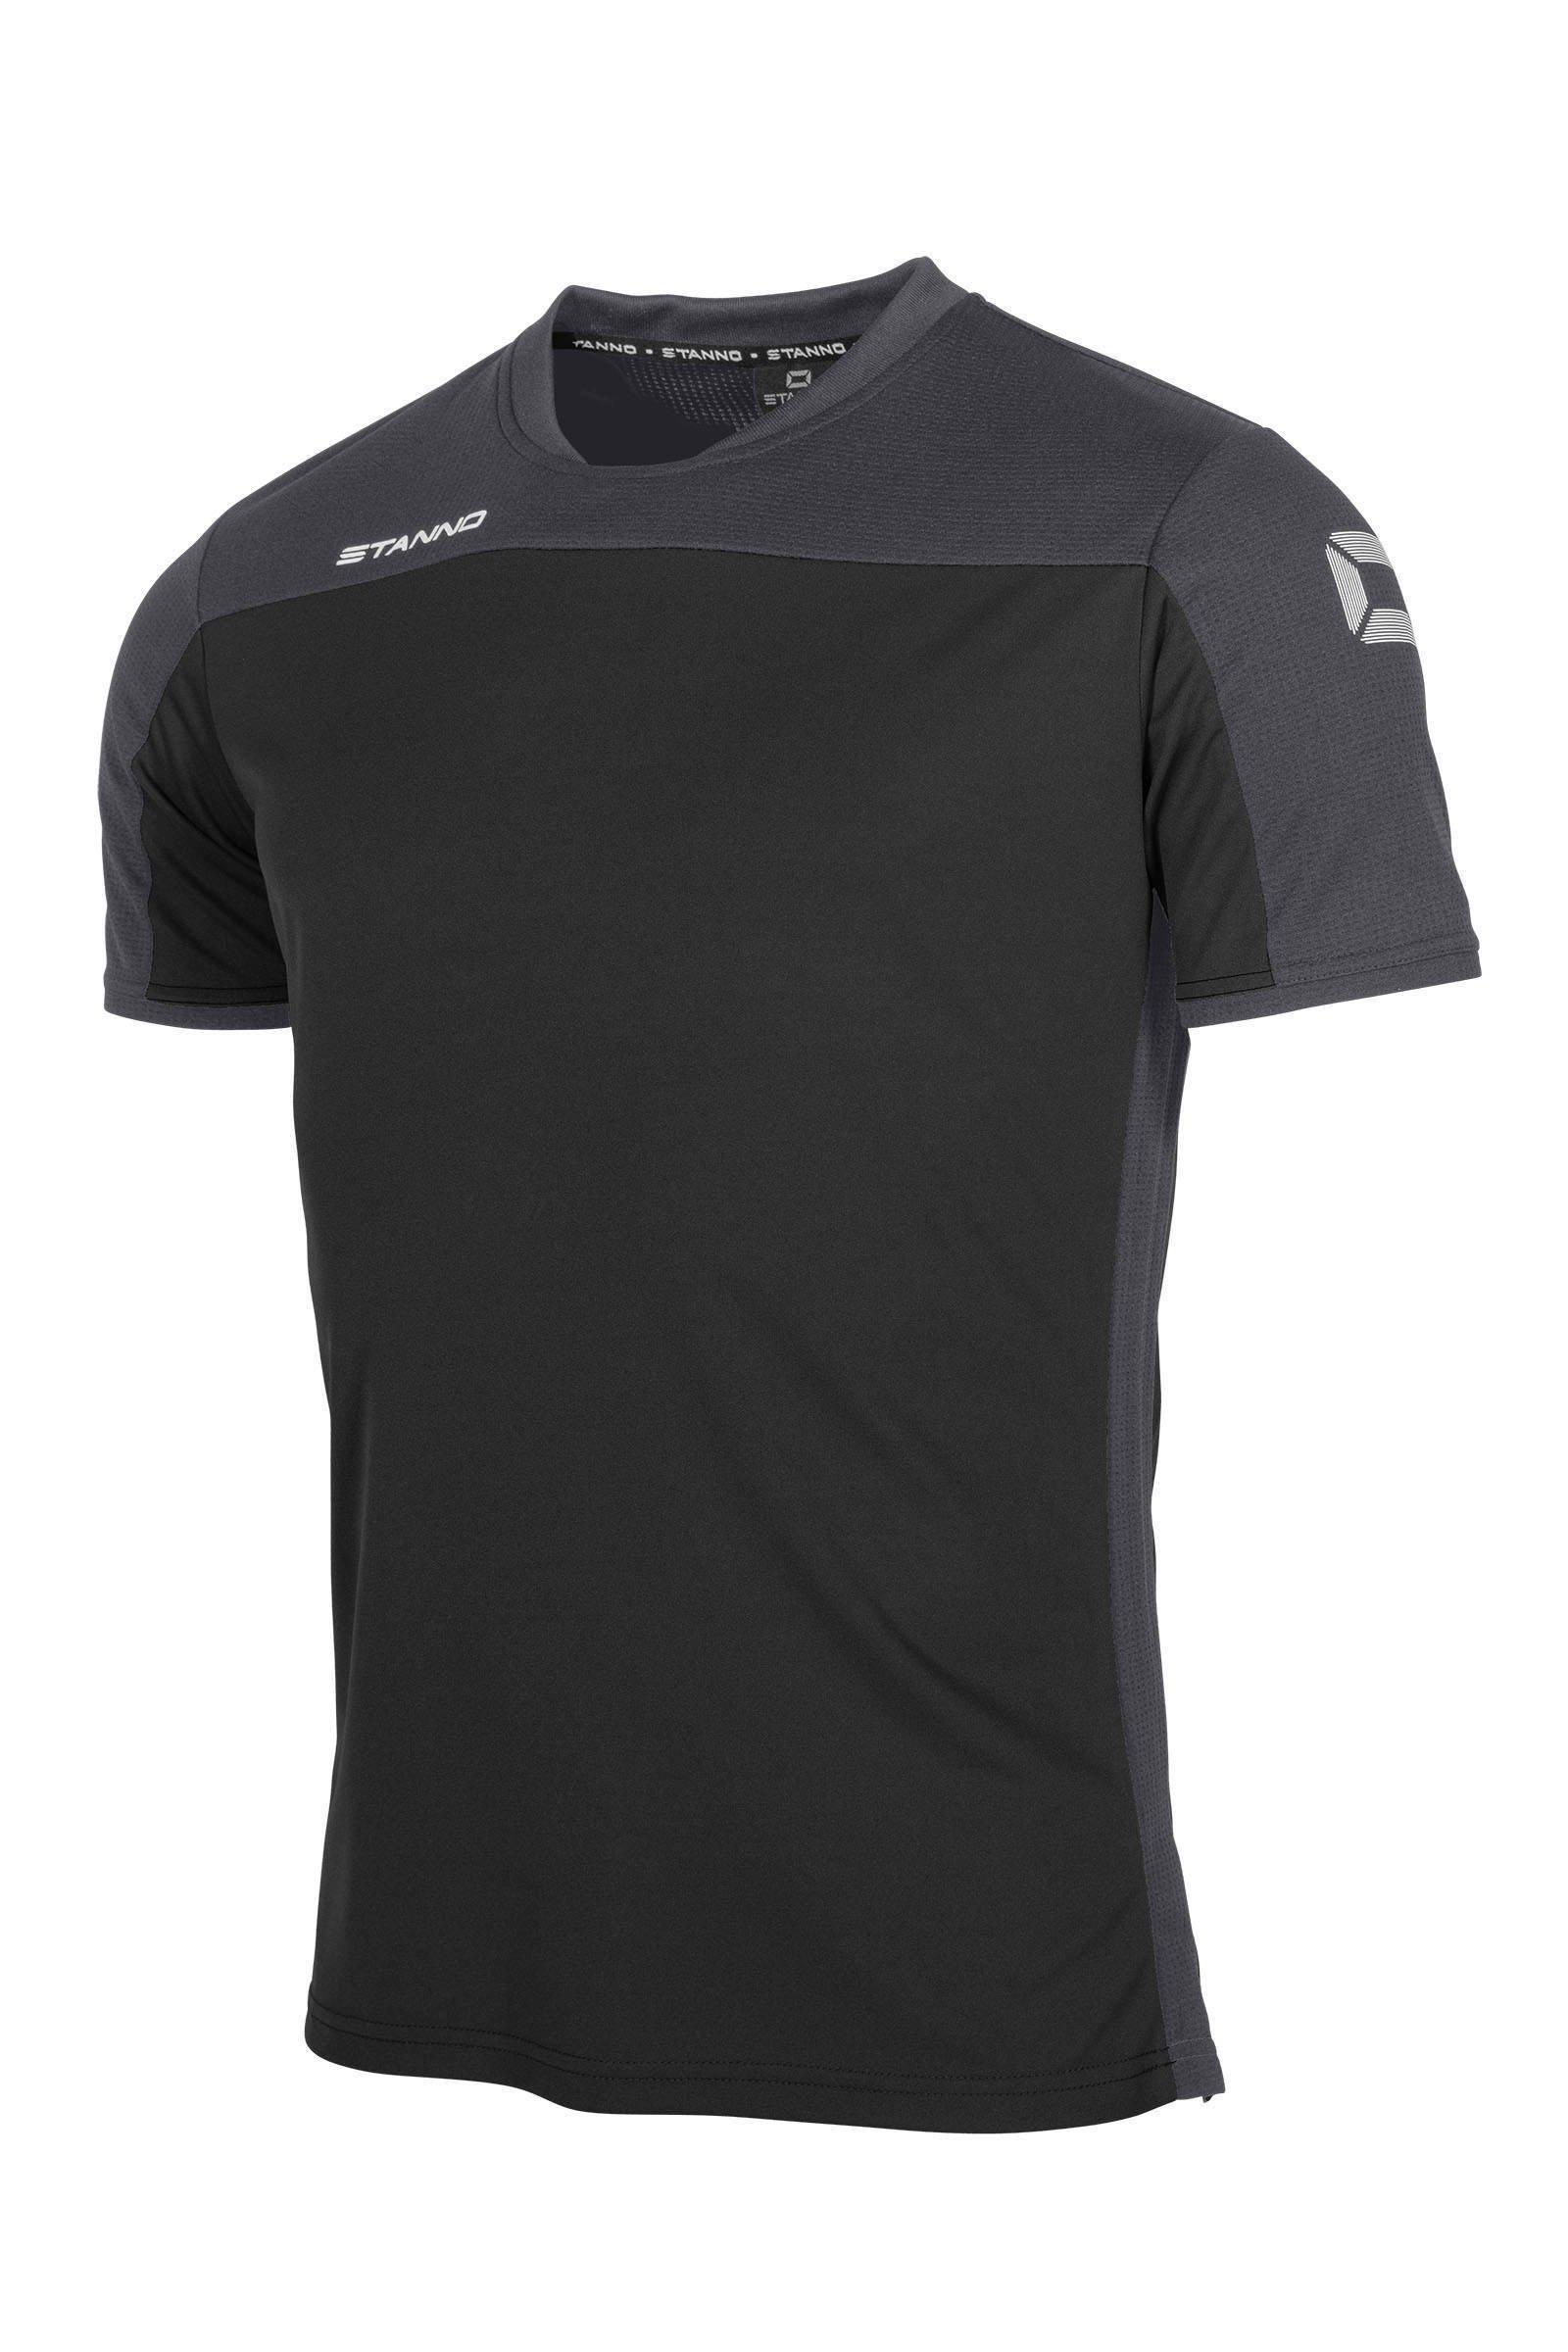 Stanno voetbalshirt zwart/antraciet - maat 164